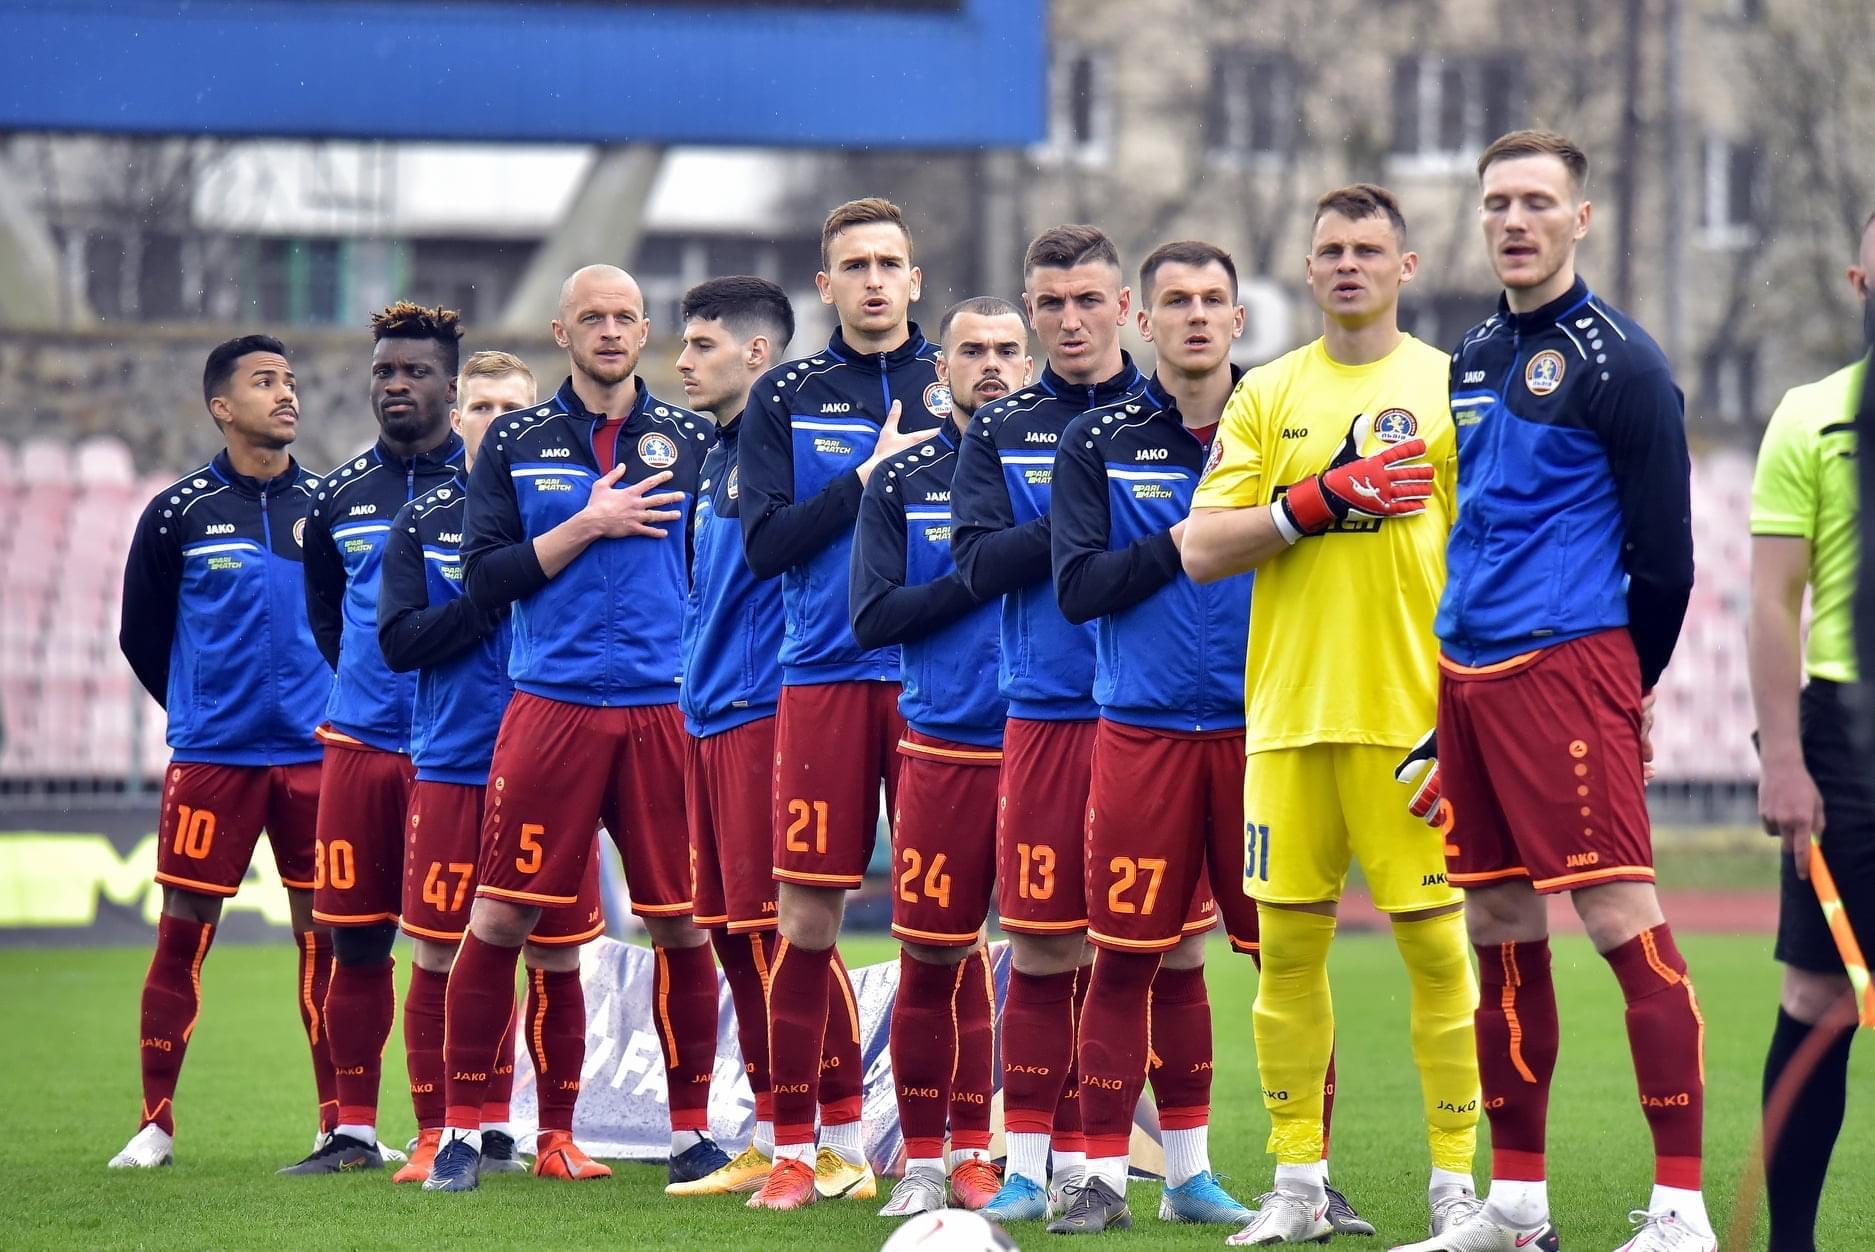 Вратарь Львова Александр Ильющенков играет в перчатках Brave GK - официальный интернет-магазин